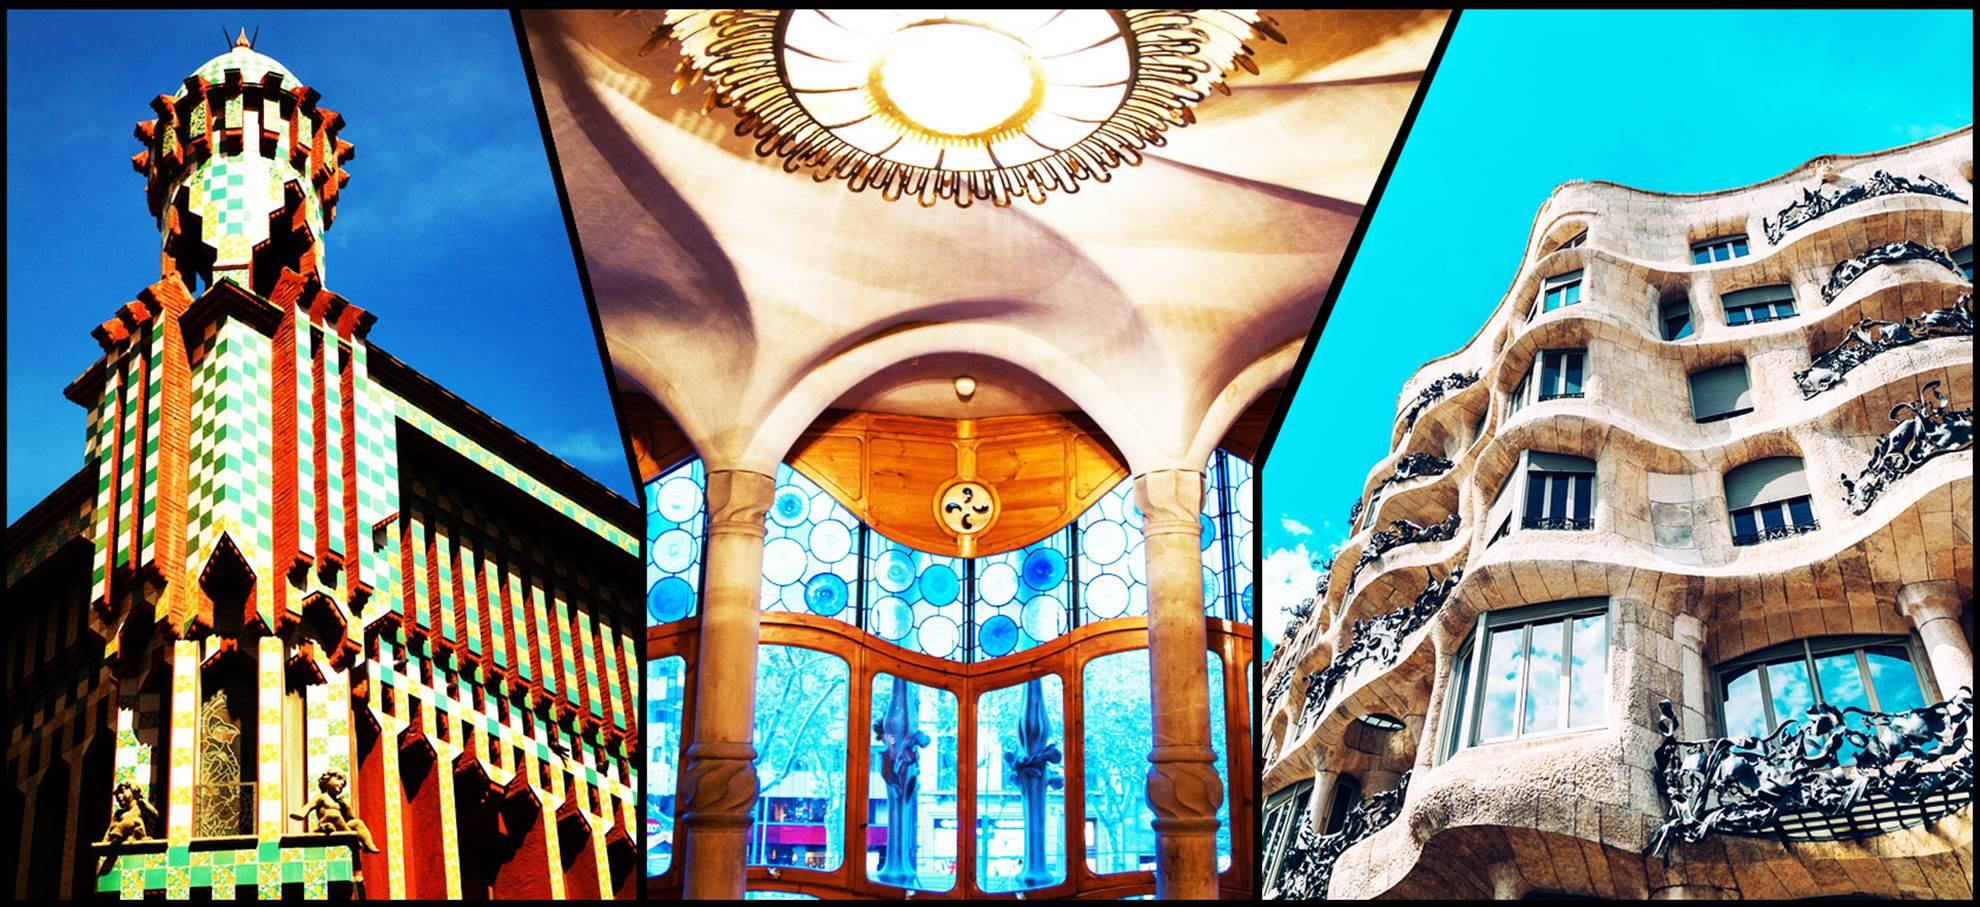 De 3 huizen van Gaudi: Direct Toegang tot Casa Battlo, Mila en Vicens!